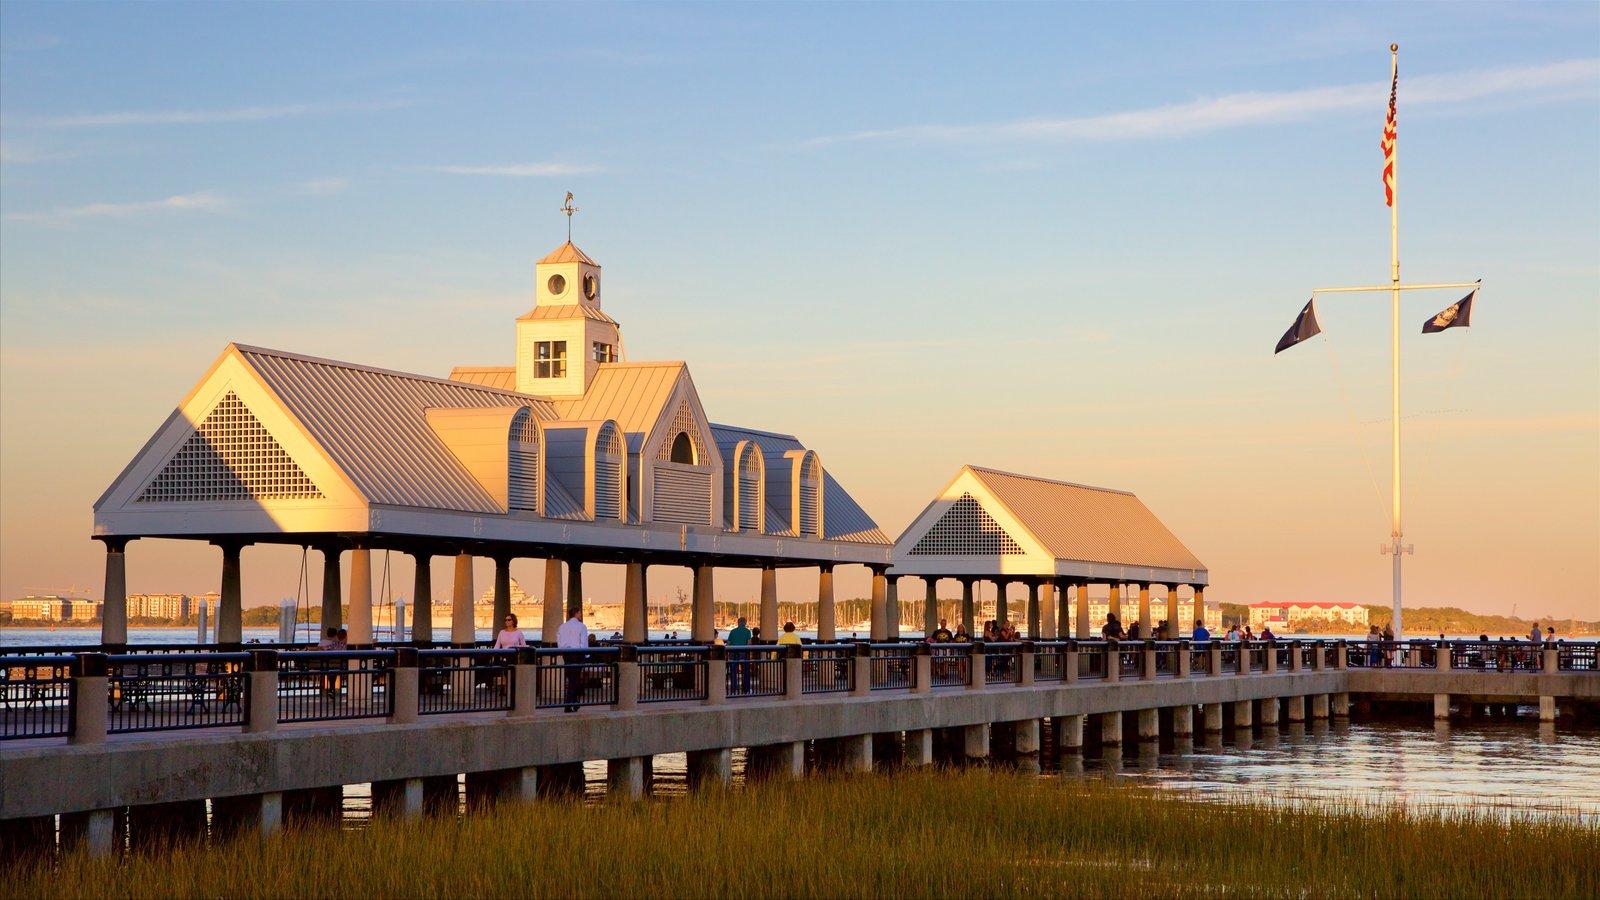 Charleston caracterizando um pôr do sol e paisagens litorâneas